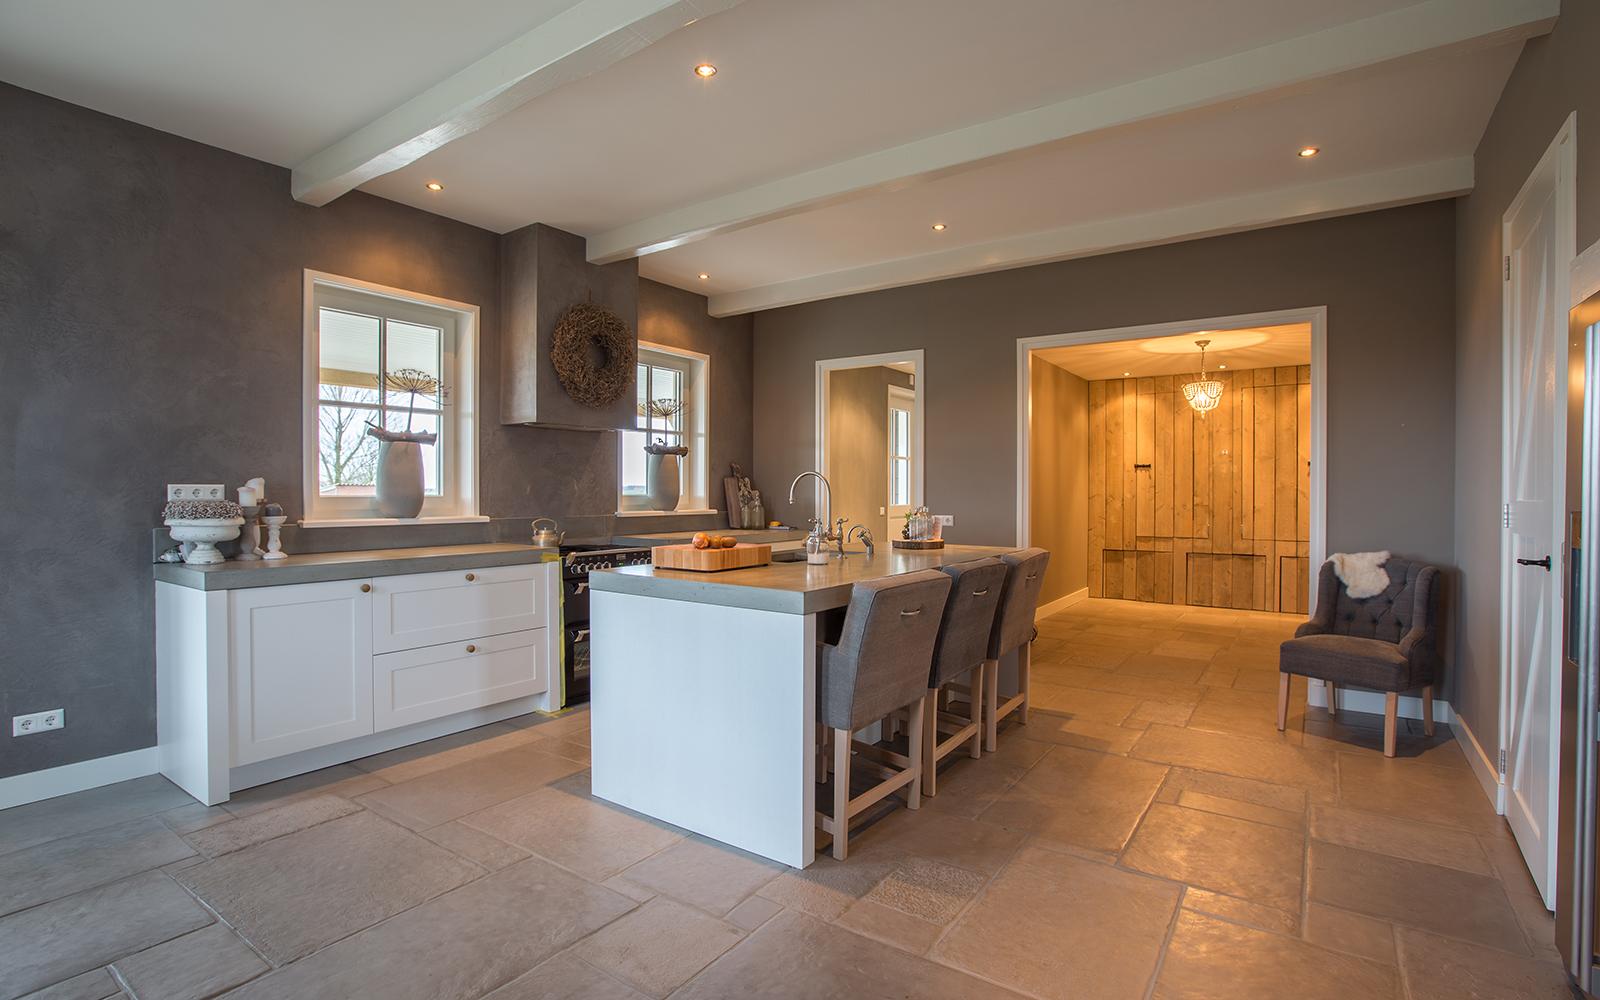 Villa in landelijke stijl, Van den Heuvel & Van Duuren, charmante villa, landelijke stijl, natuursteen tegels, authentiek